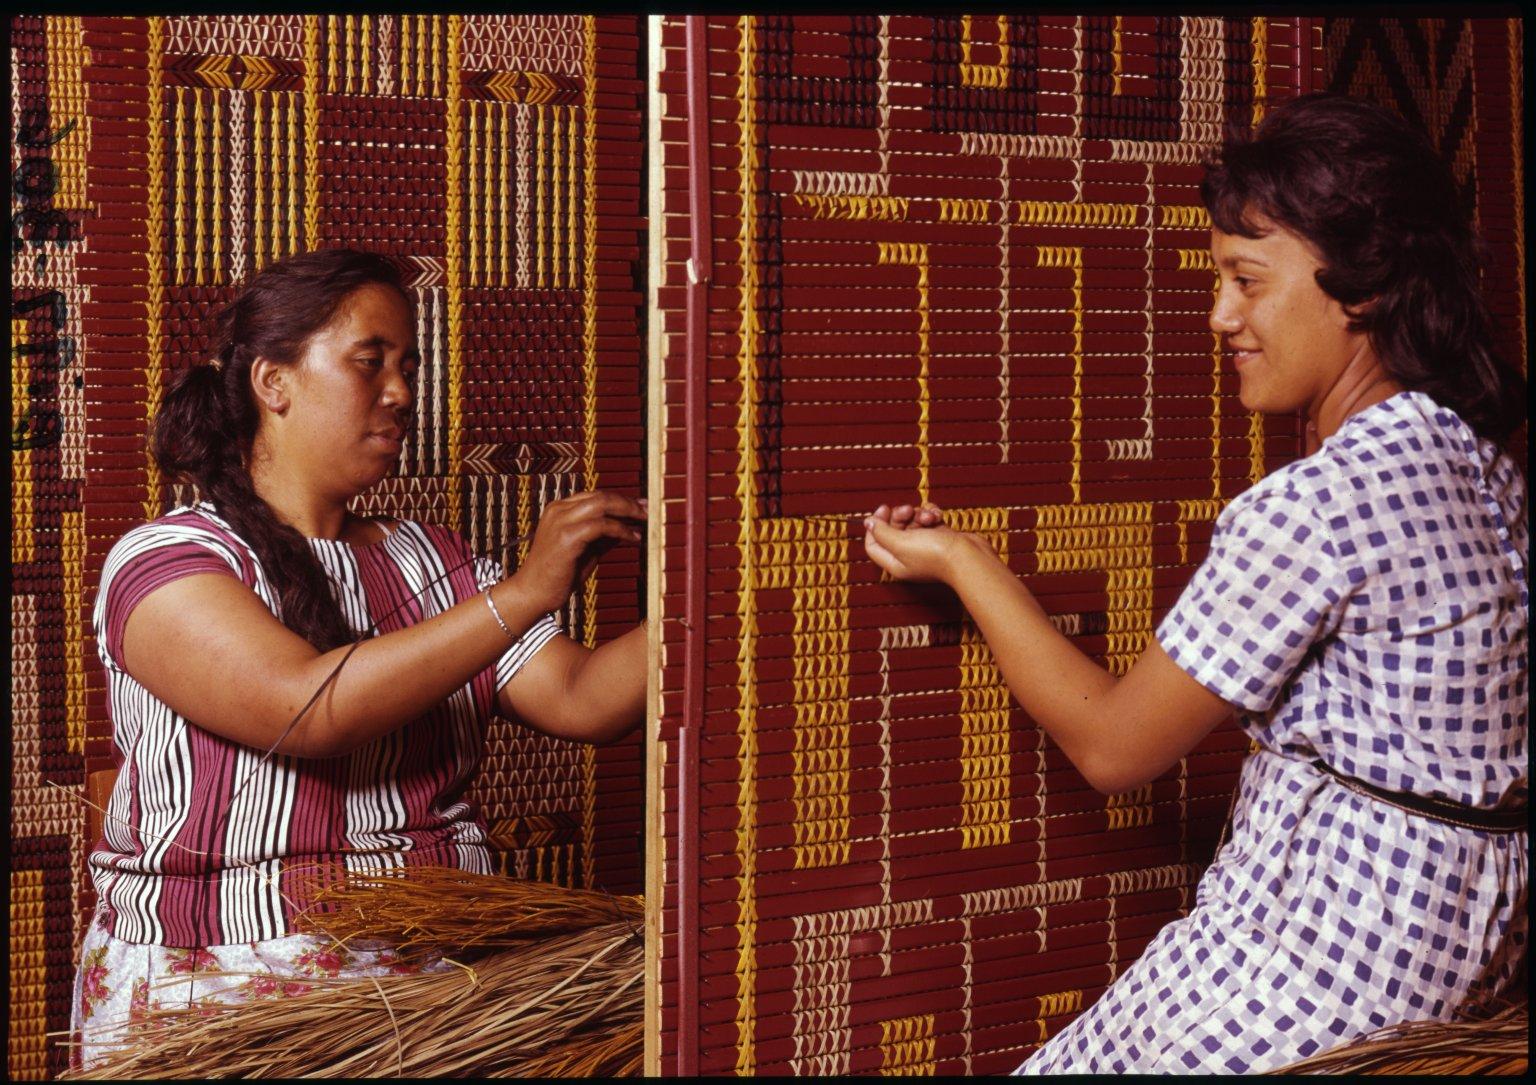 Maori women working on tuku tuku panelling.